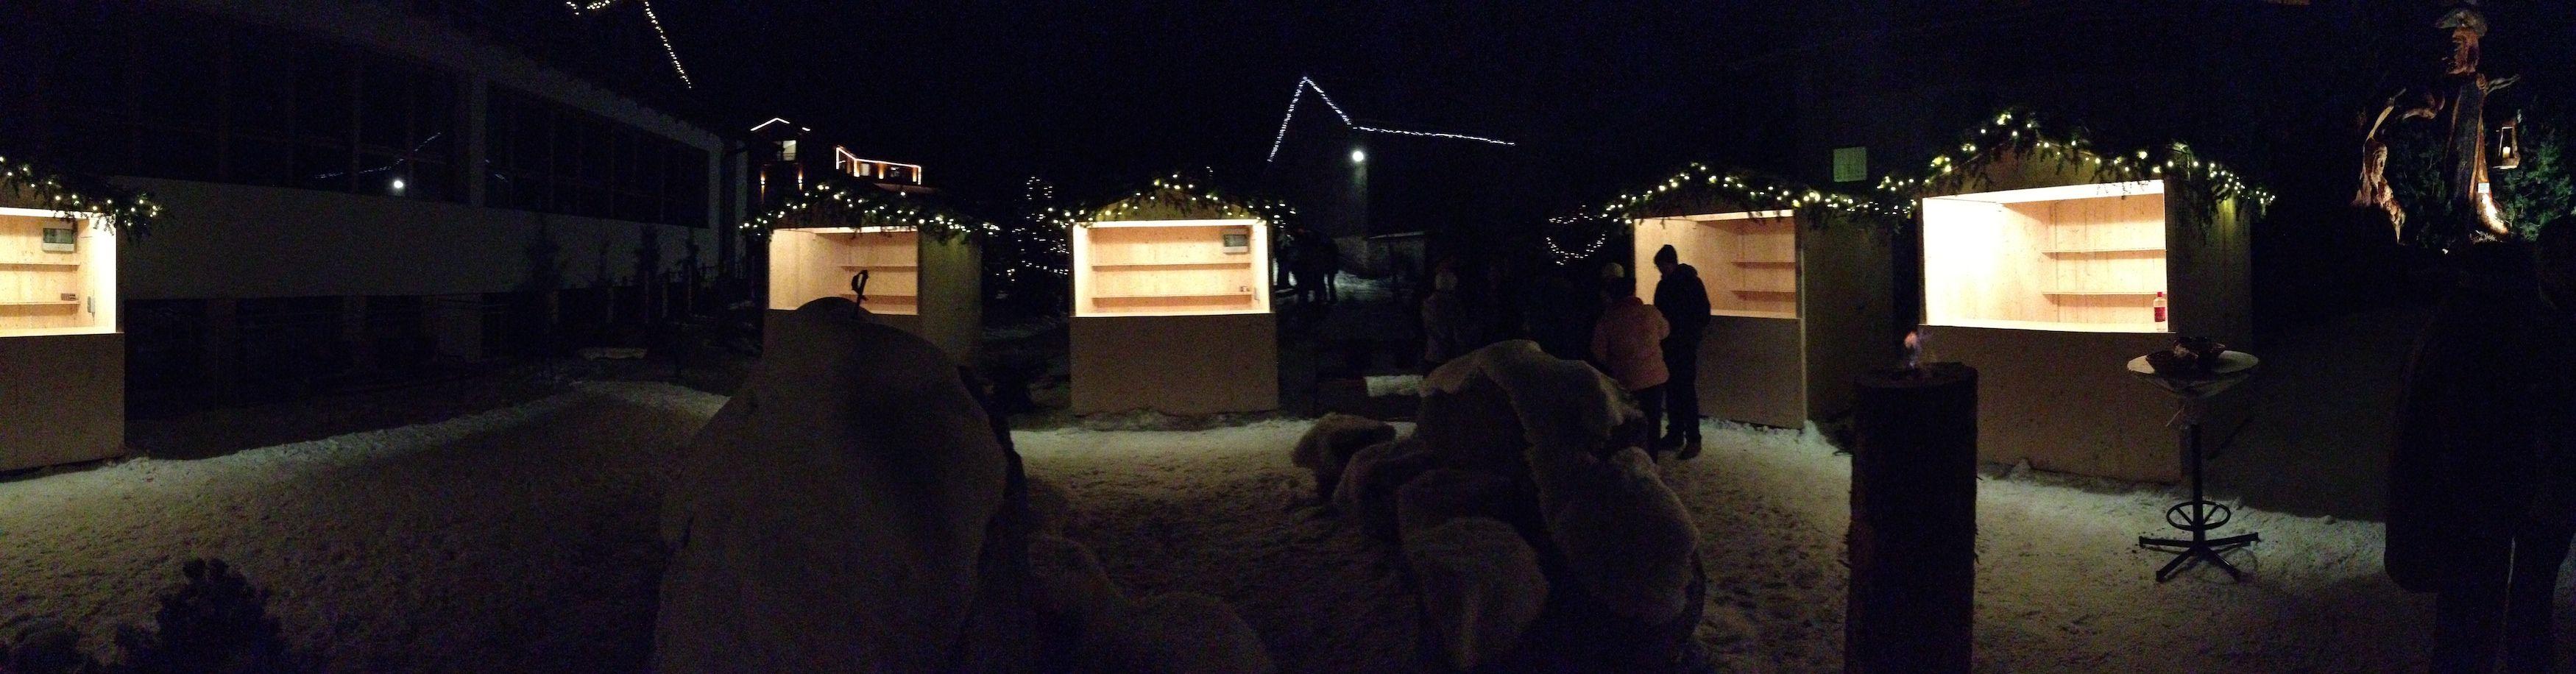 WinterwunderTal Adventsmarkt im Kaunertal. Mit Streichelzoo